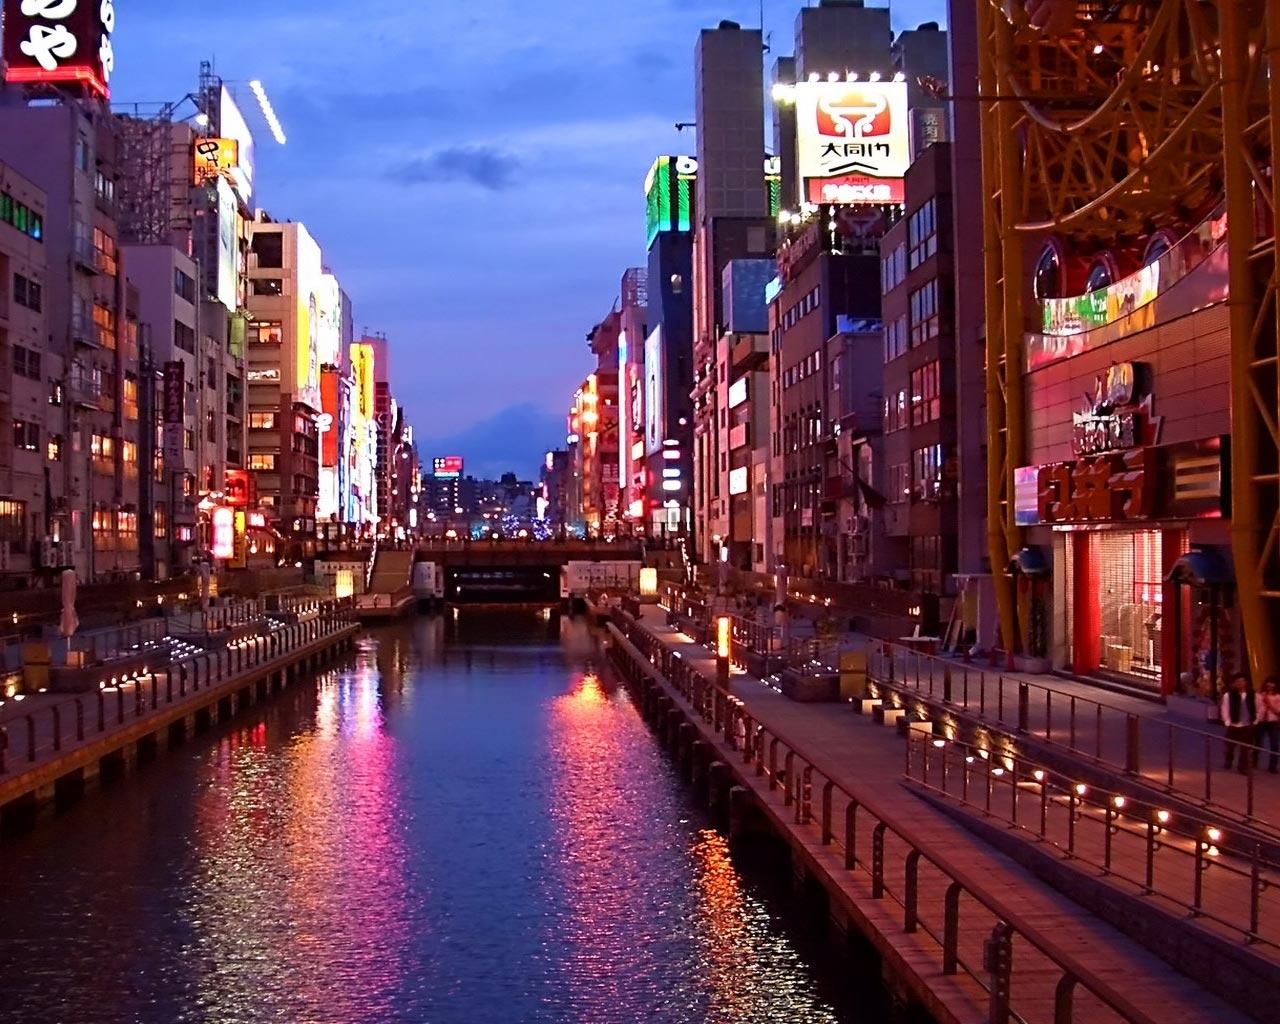 13930 скачать обои Города, Вода, Река, Ночь, Архитектура - заставки и картинки бесплатно